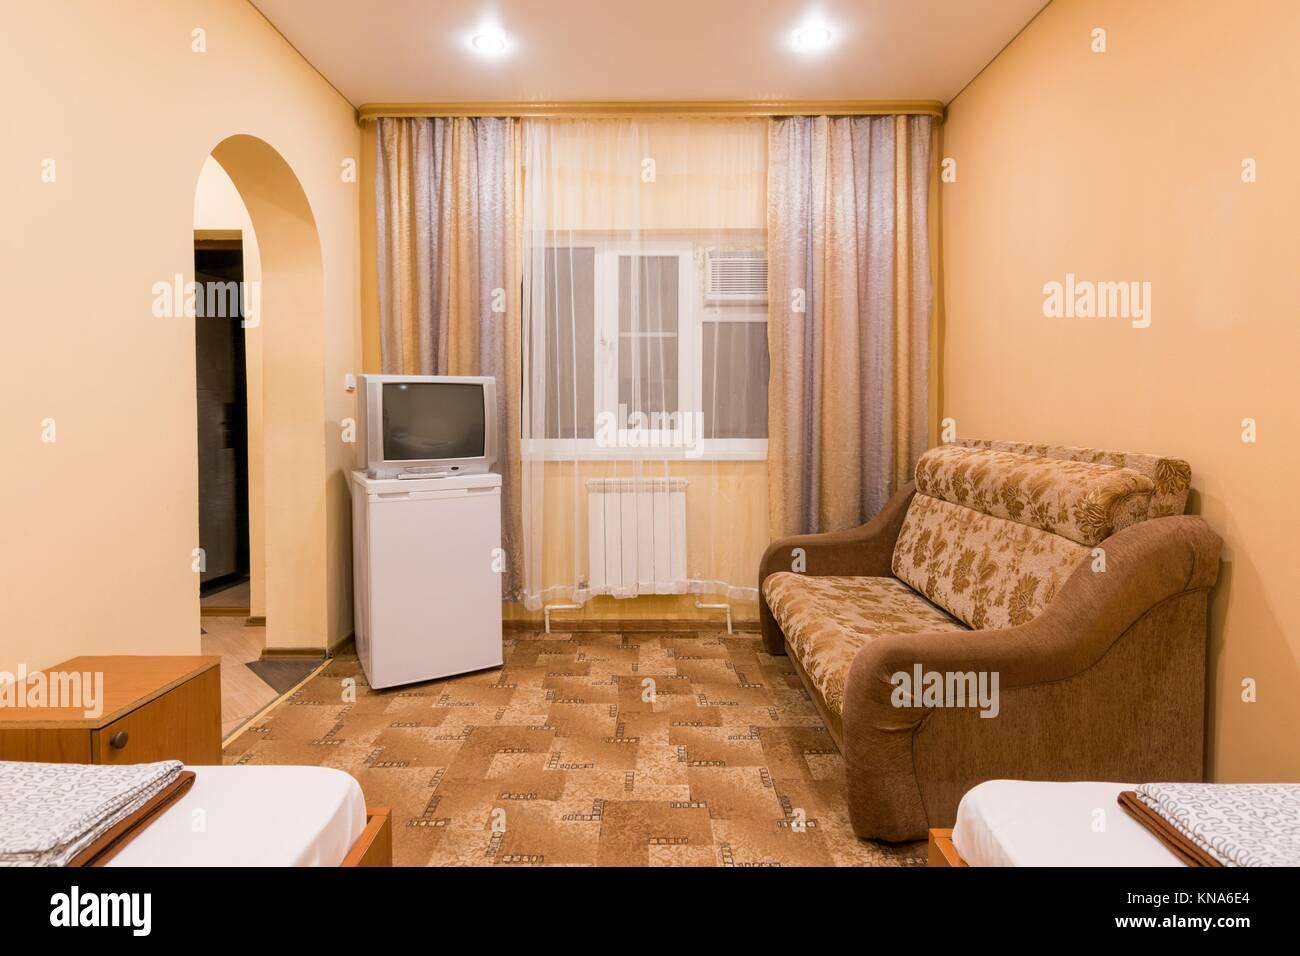 Camere Con Divano Letto : Linterno di una piccola camera con divano letto matrimoniale e due